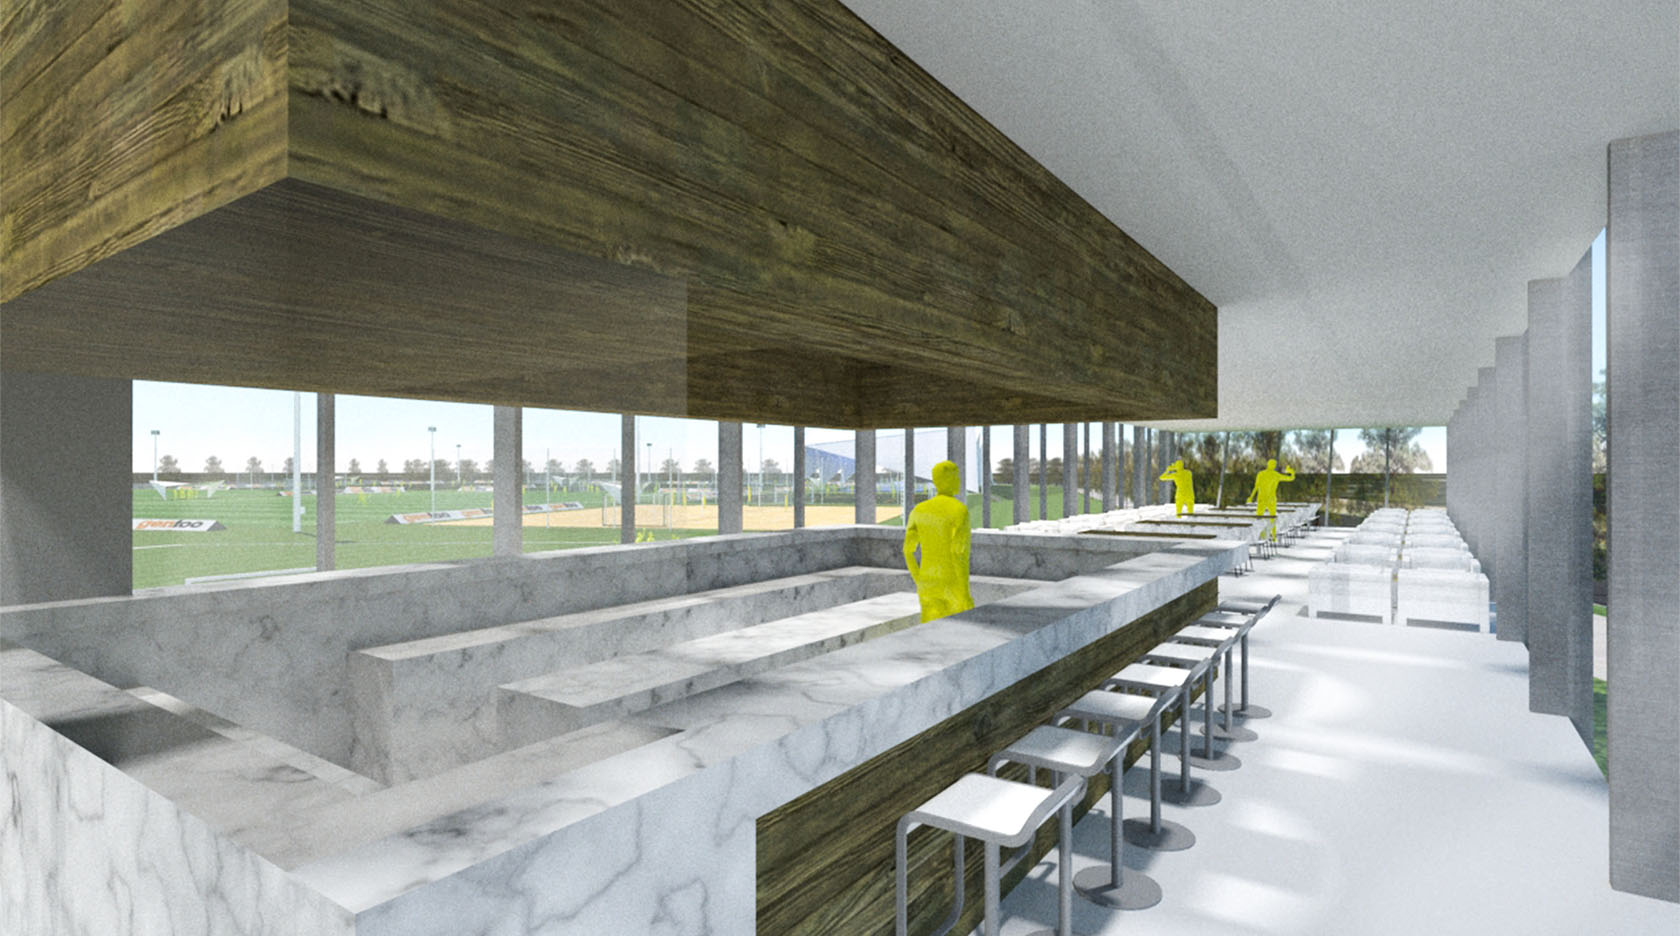 Diseño interiores de bares, fachadas con madera y mármol en bares, integración de paisaje en edificios